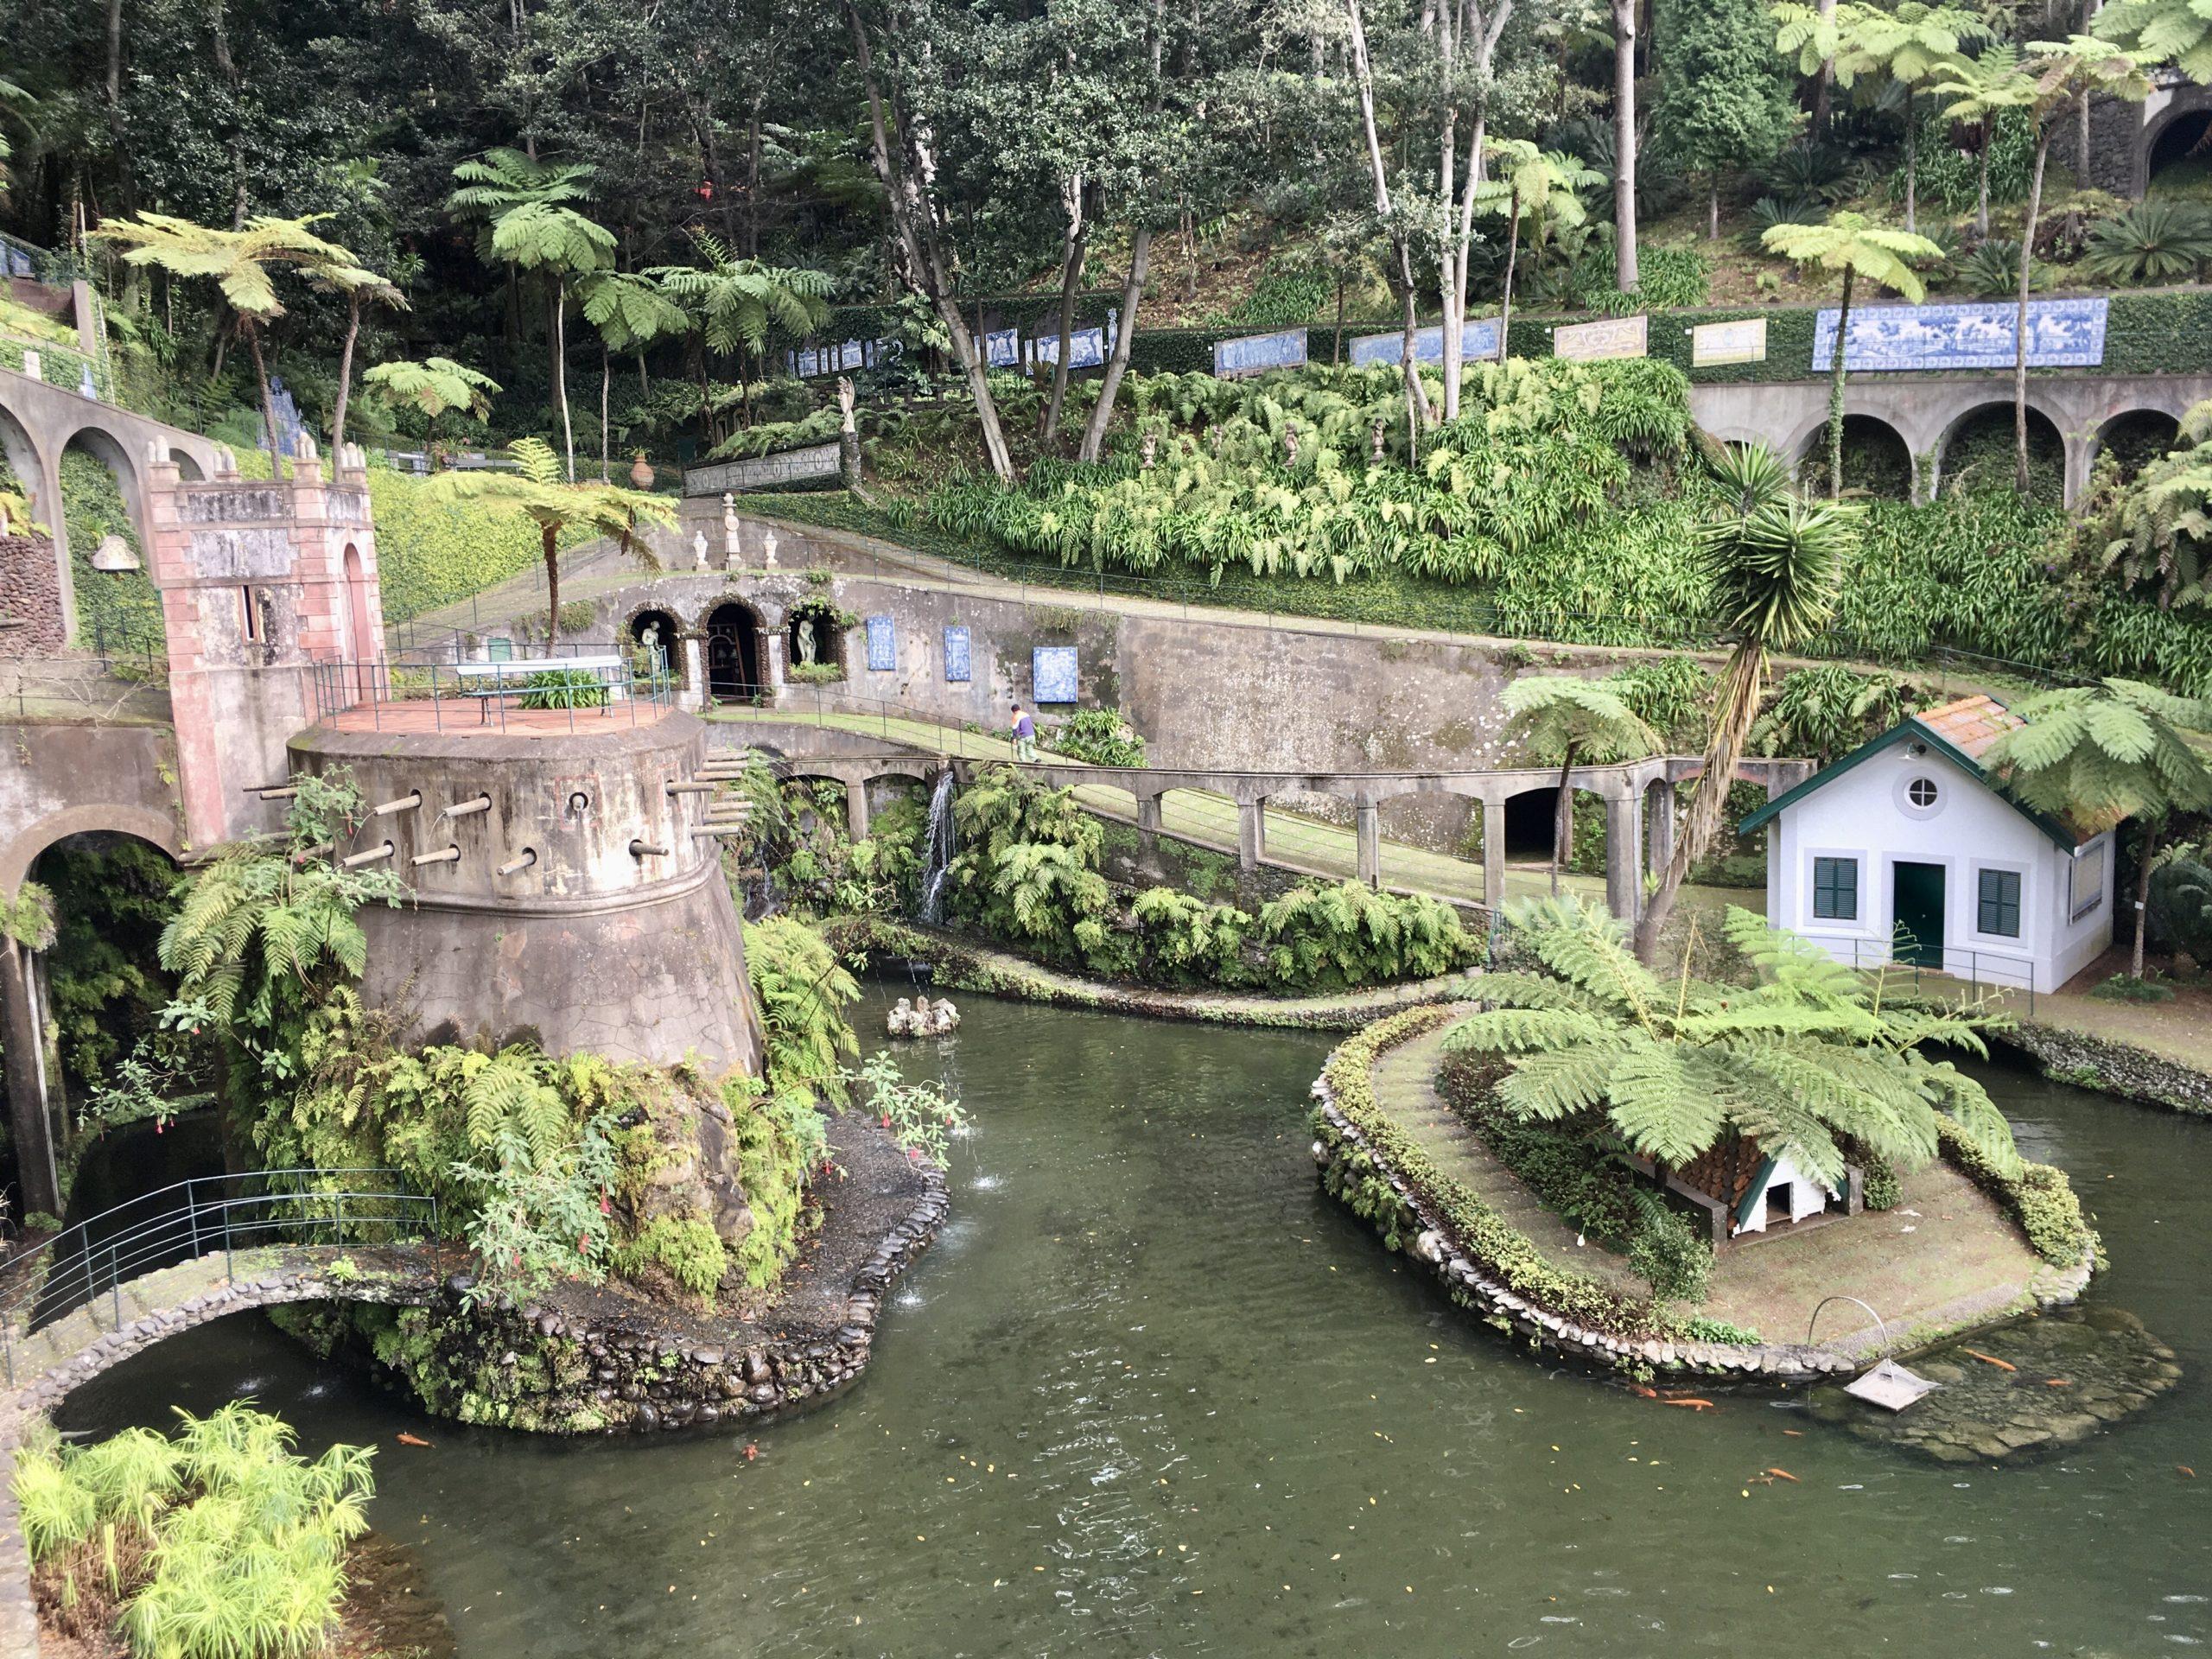 Ogrody Monte to roślinność, zamek, rzeźby, papugi, strumienie i spore przewyższenia